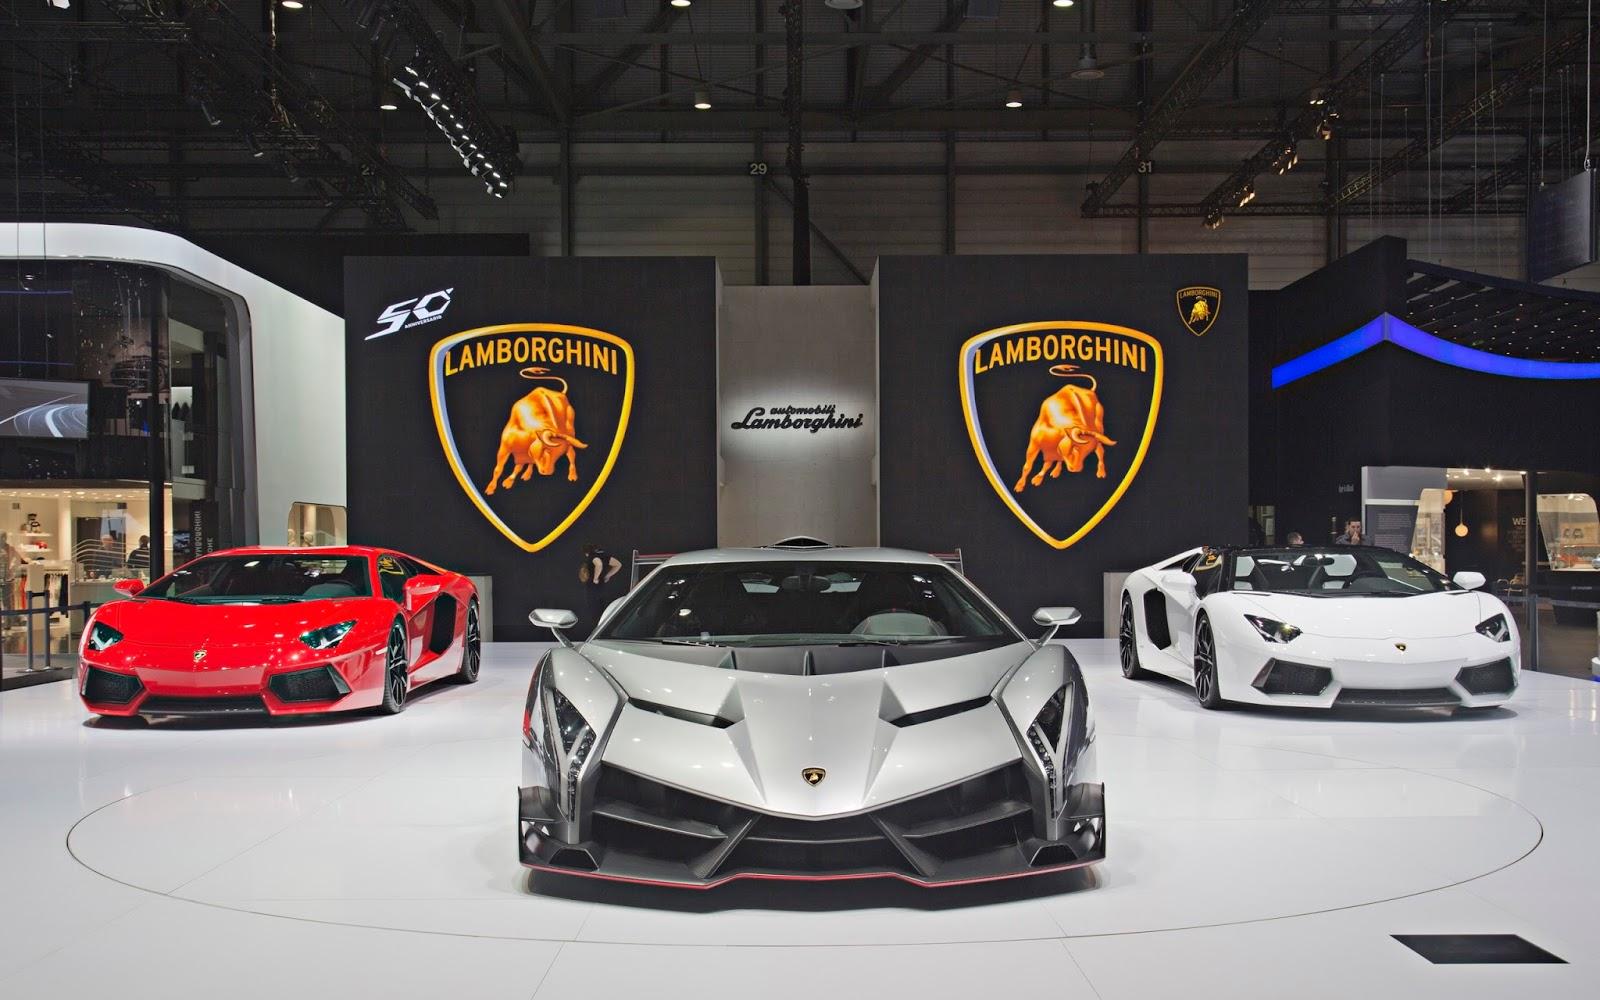 SUPERCAR CLUB: Μία εκλεκτή ομάδα από ιδιοκτήτες supercar και premium sportscar